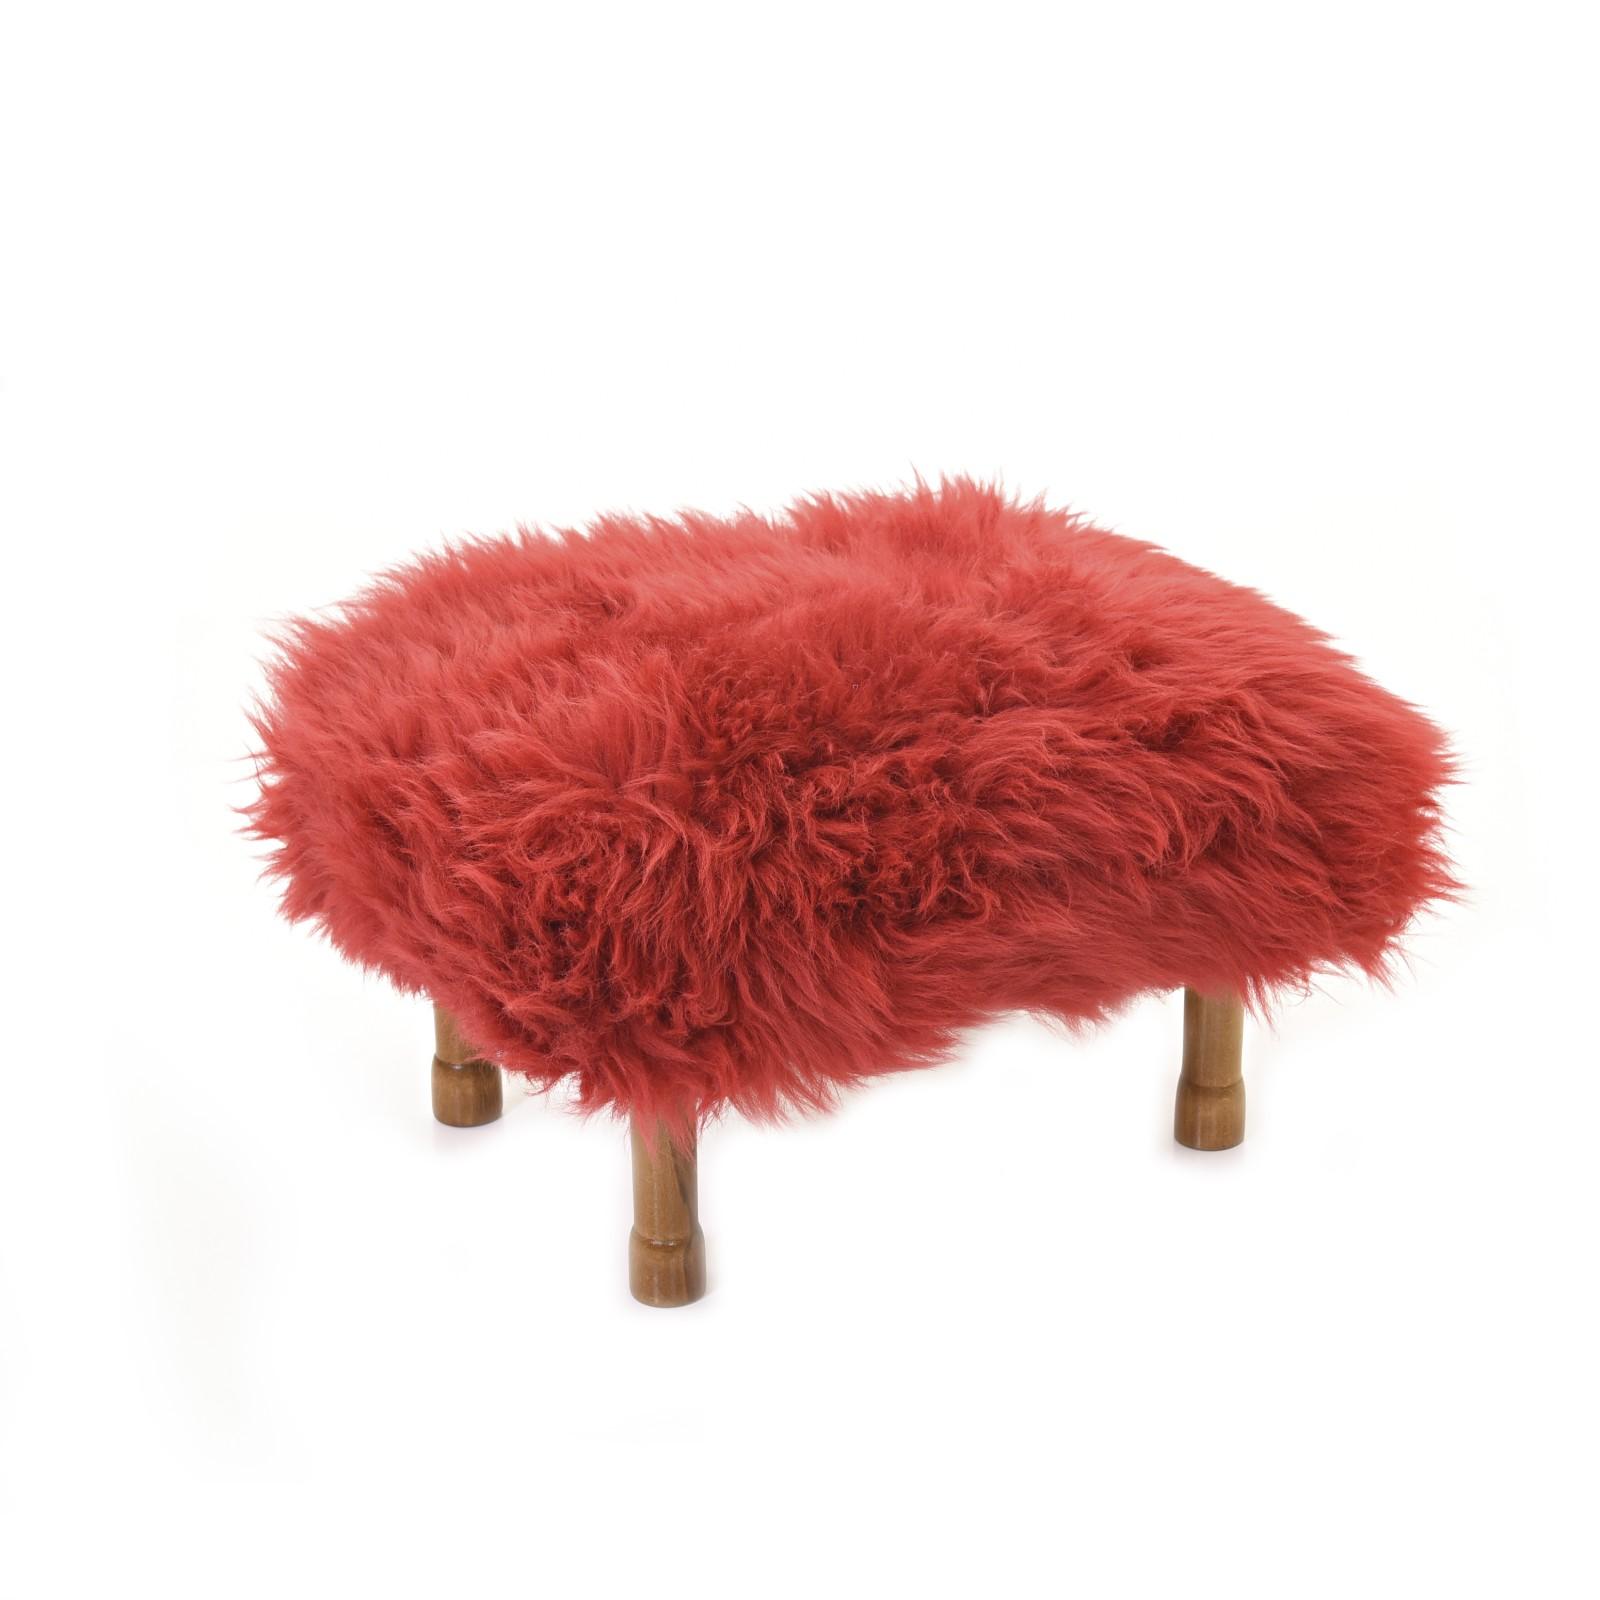 Delyth Sheepskin Footstool Dragon Red